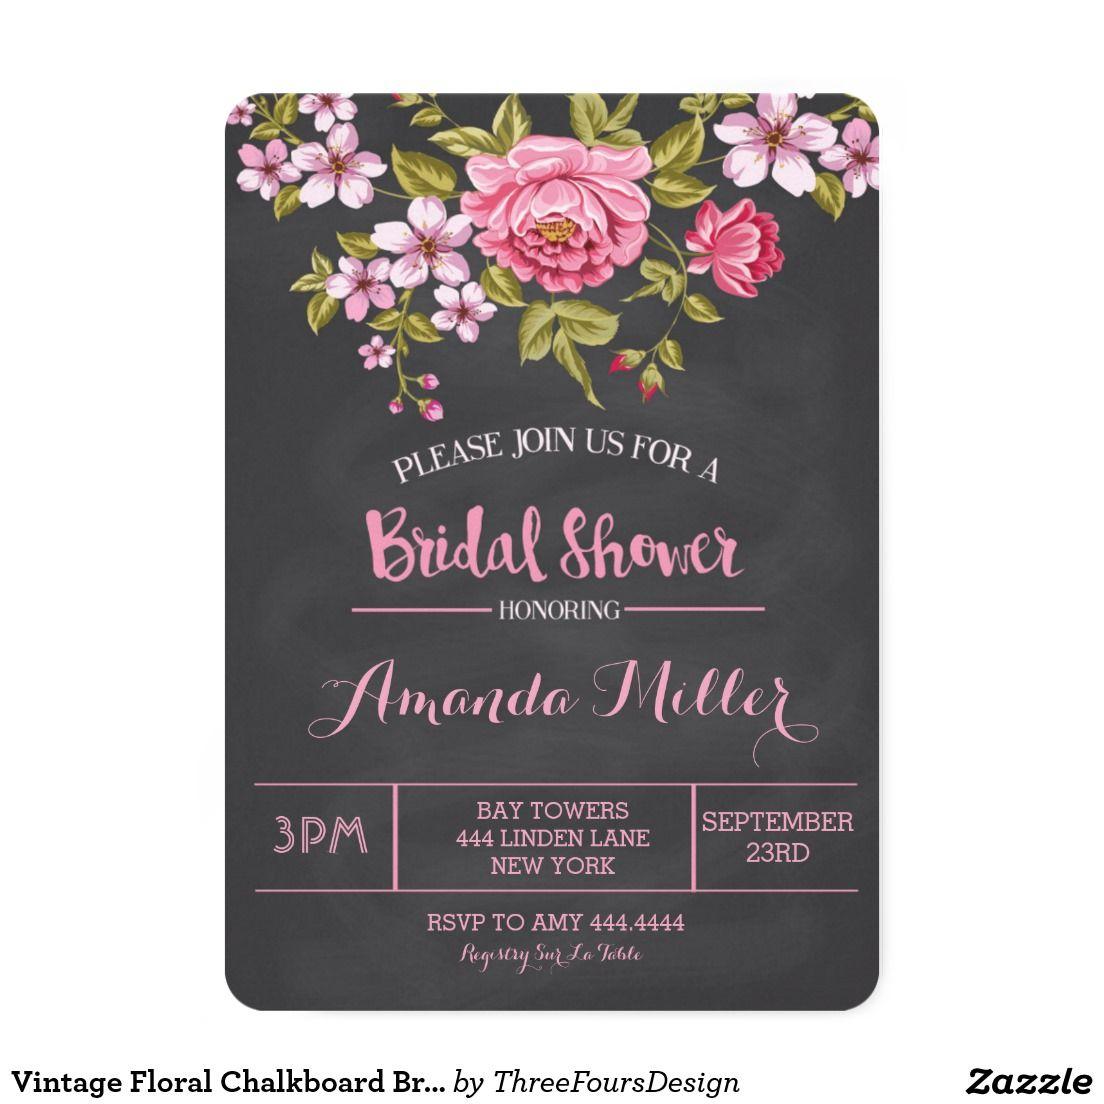 Vintage Floral Chalkboard Bridal Shower Invitation | Pinterest ...